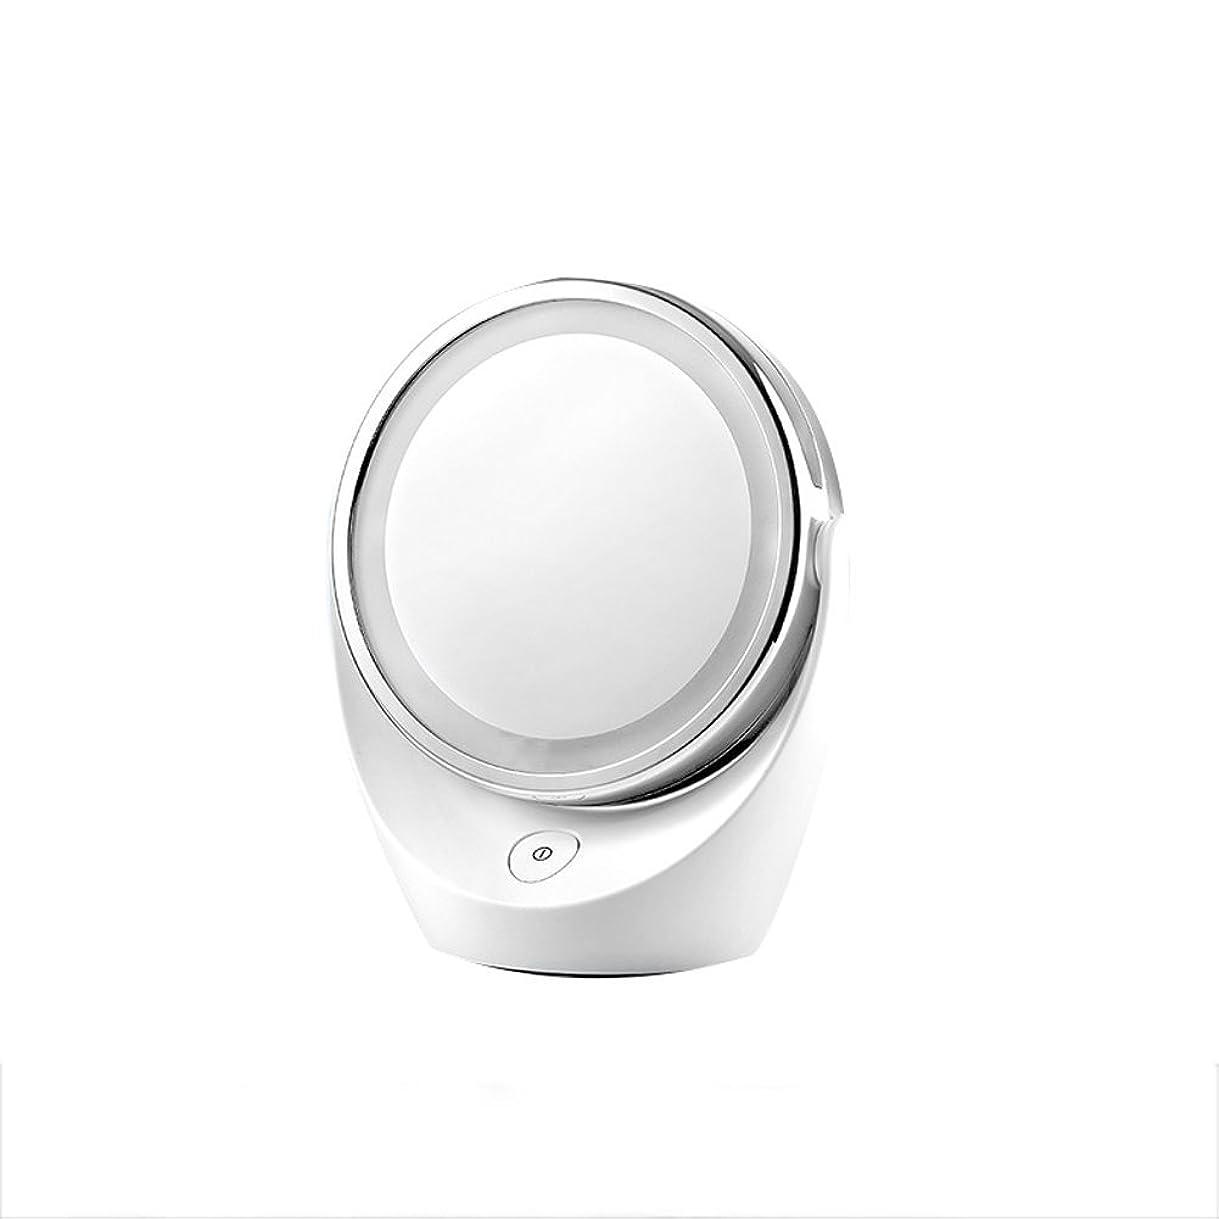 従事する統治する信条ZS 家庭用品& 化粧鏡LED照光ミラーコンチネンタルダブル化粧品スキンケアシェービングや旅行のために360度回転させて5倍拡大鏡を両面